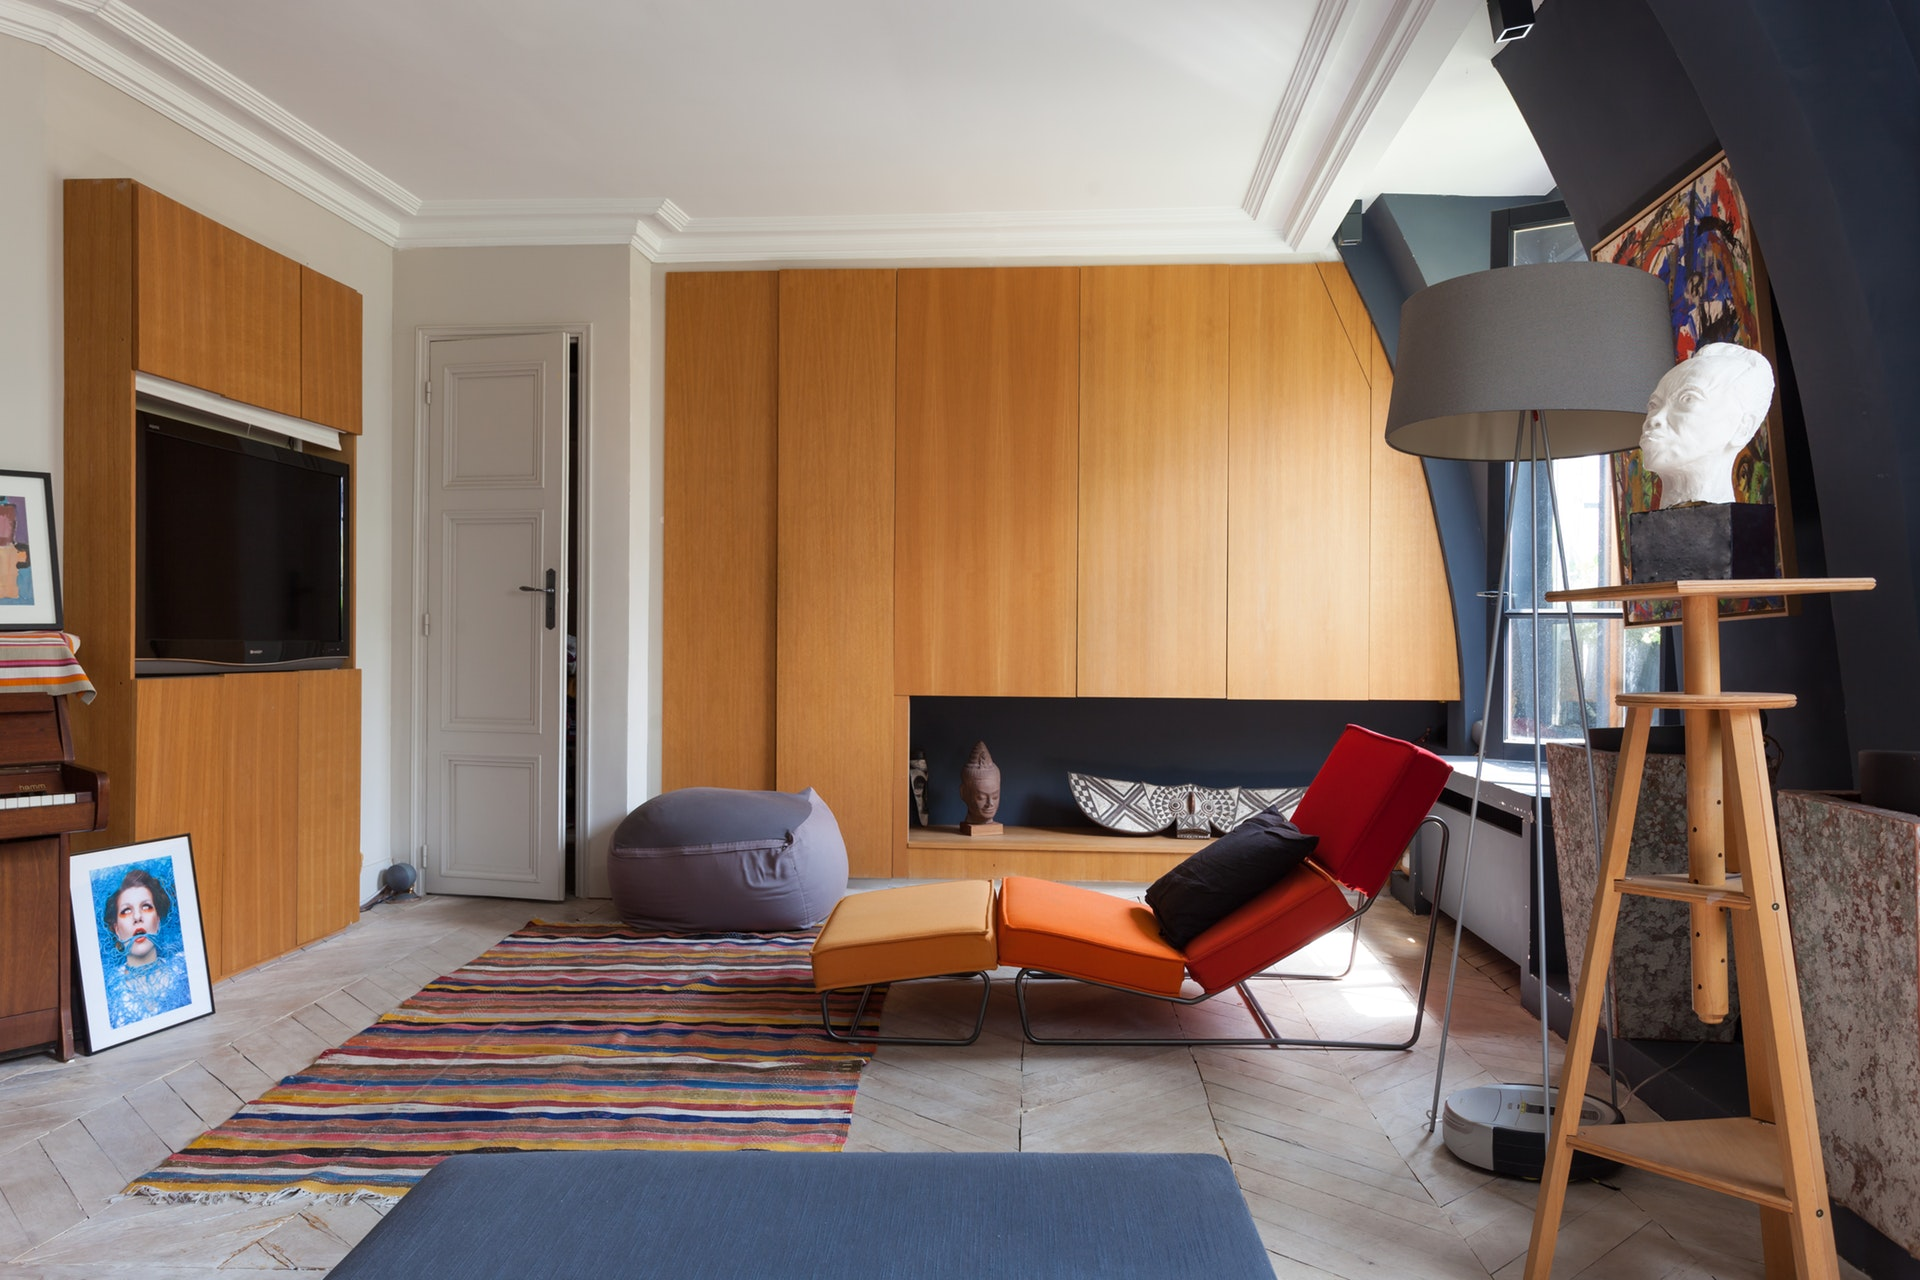 гостиная встроенный шкаф паркет елочка